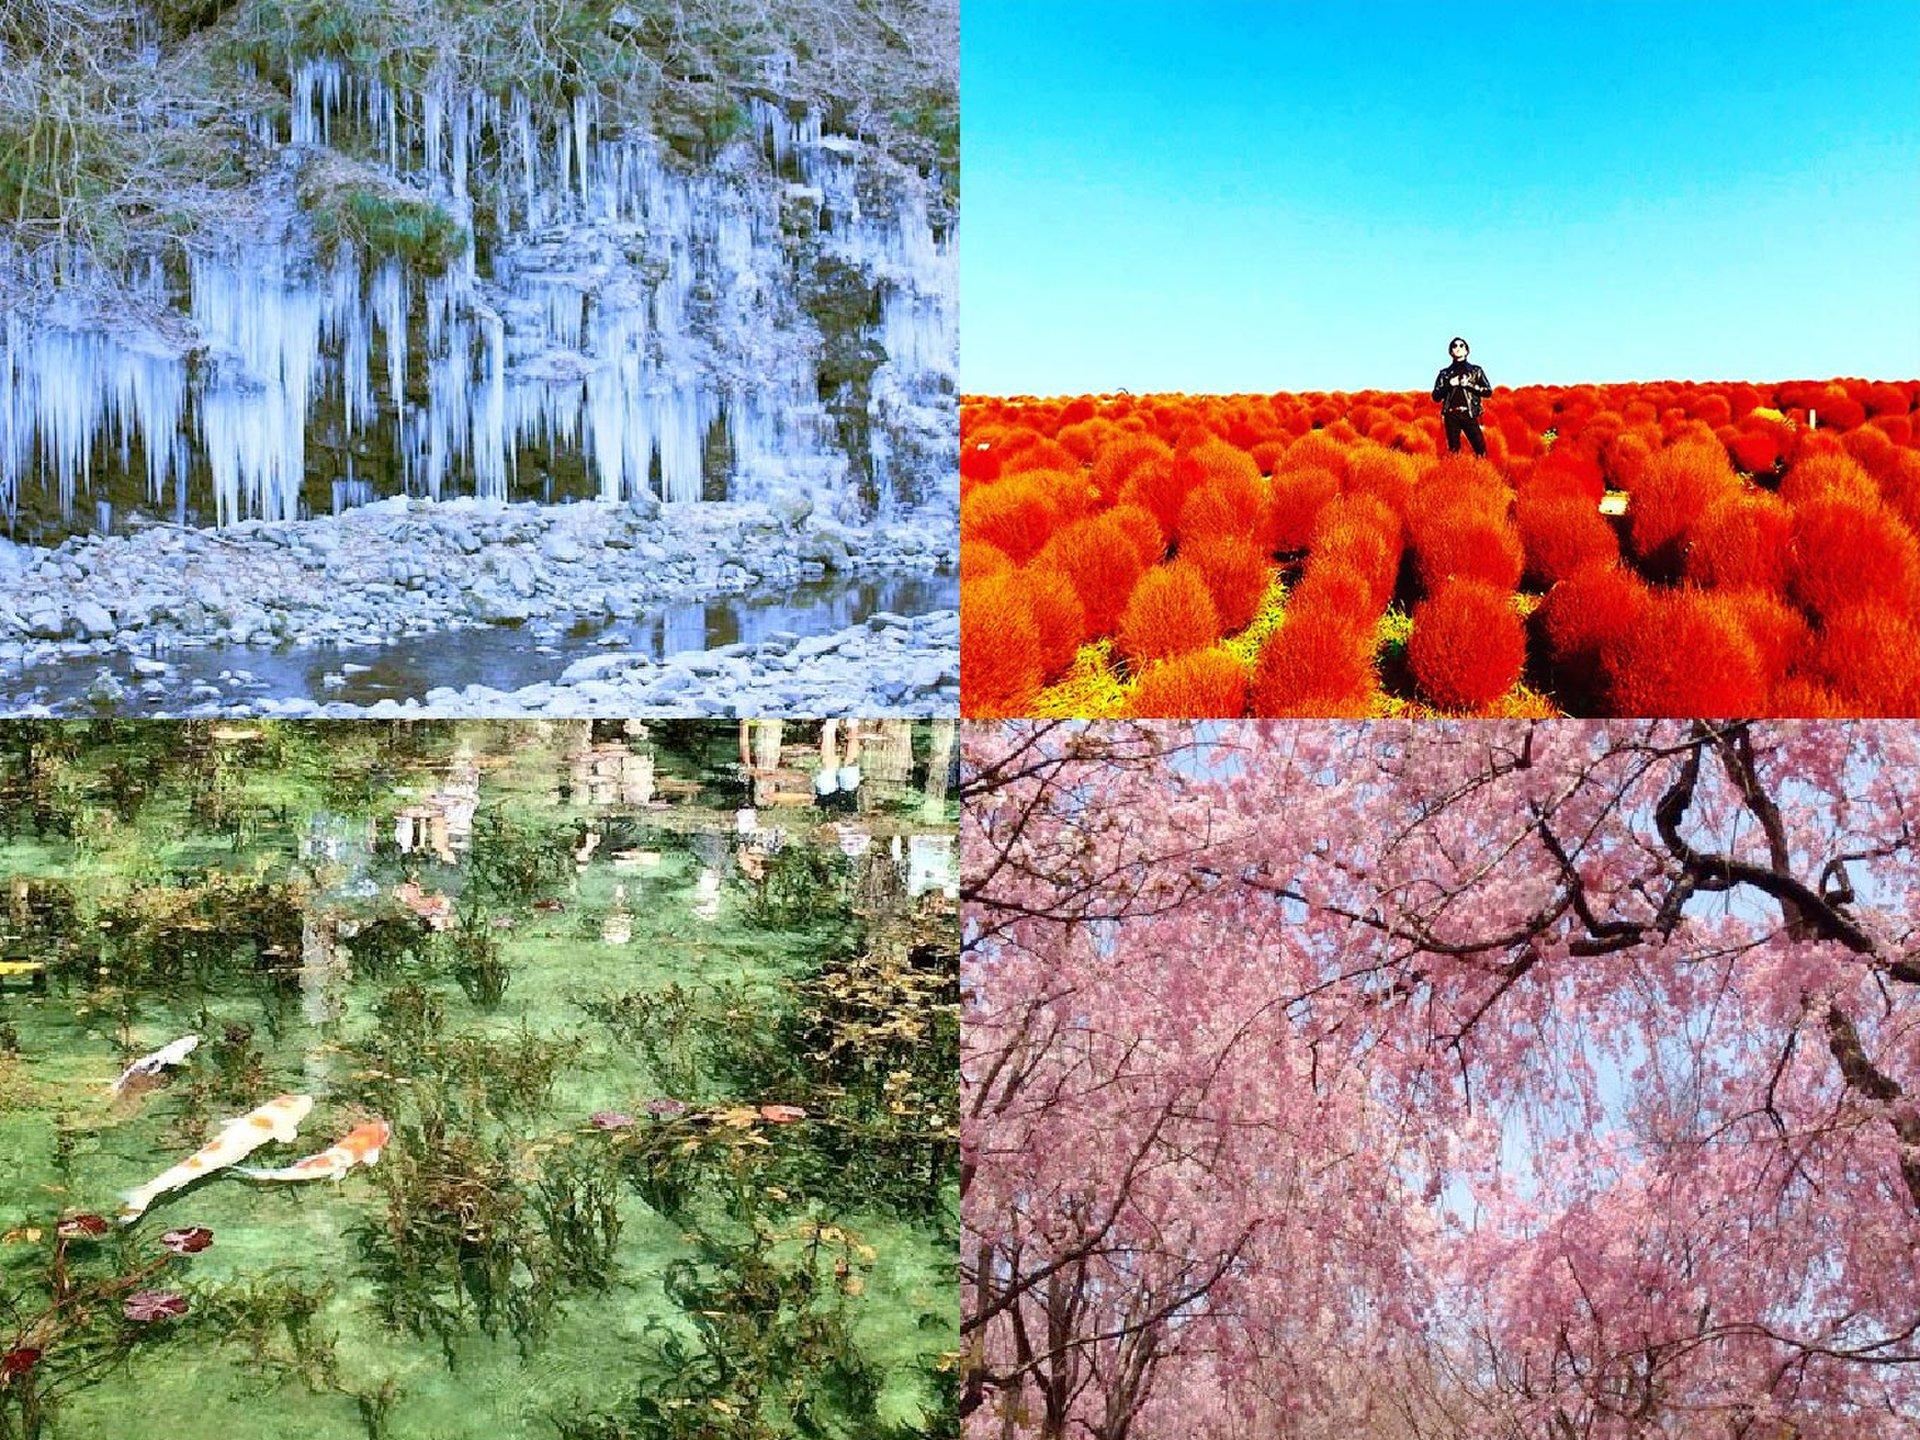 日本絶景!日本人なら一度は行くべき、おすすめ絶景スポット40選